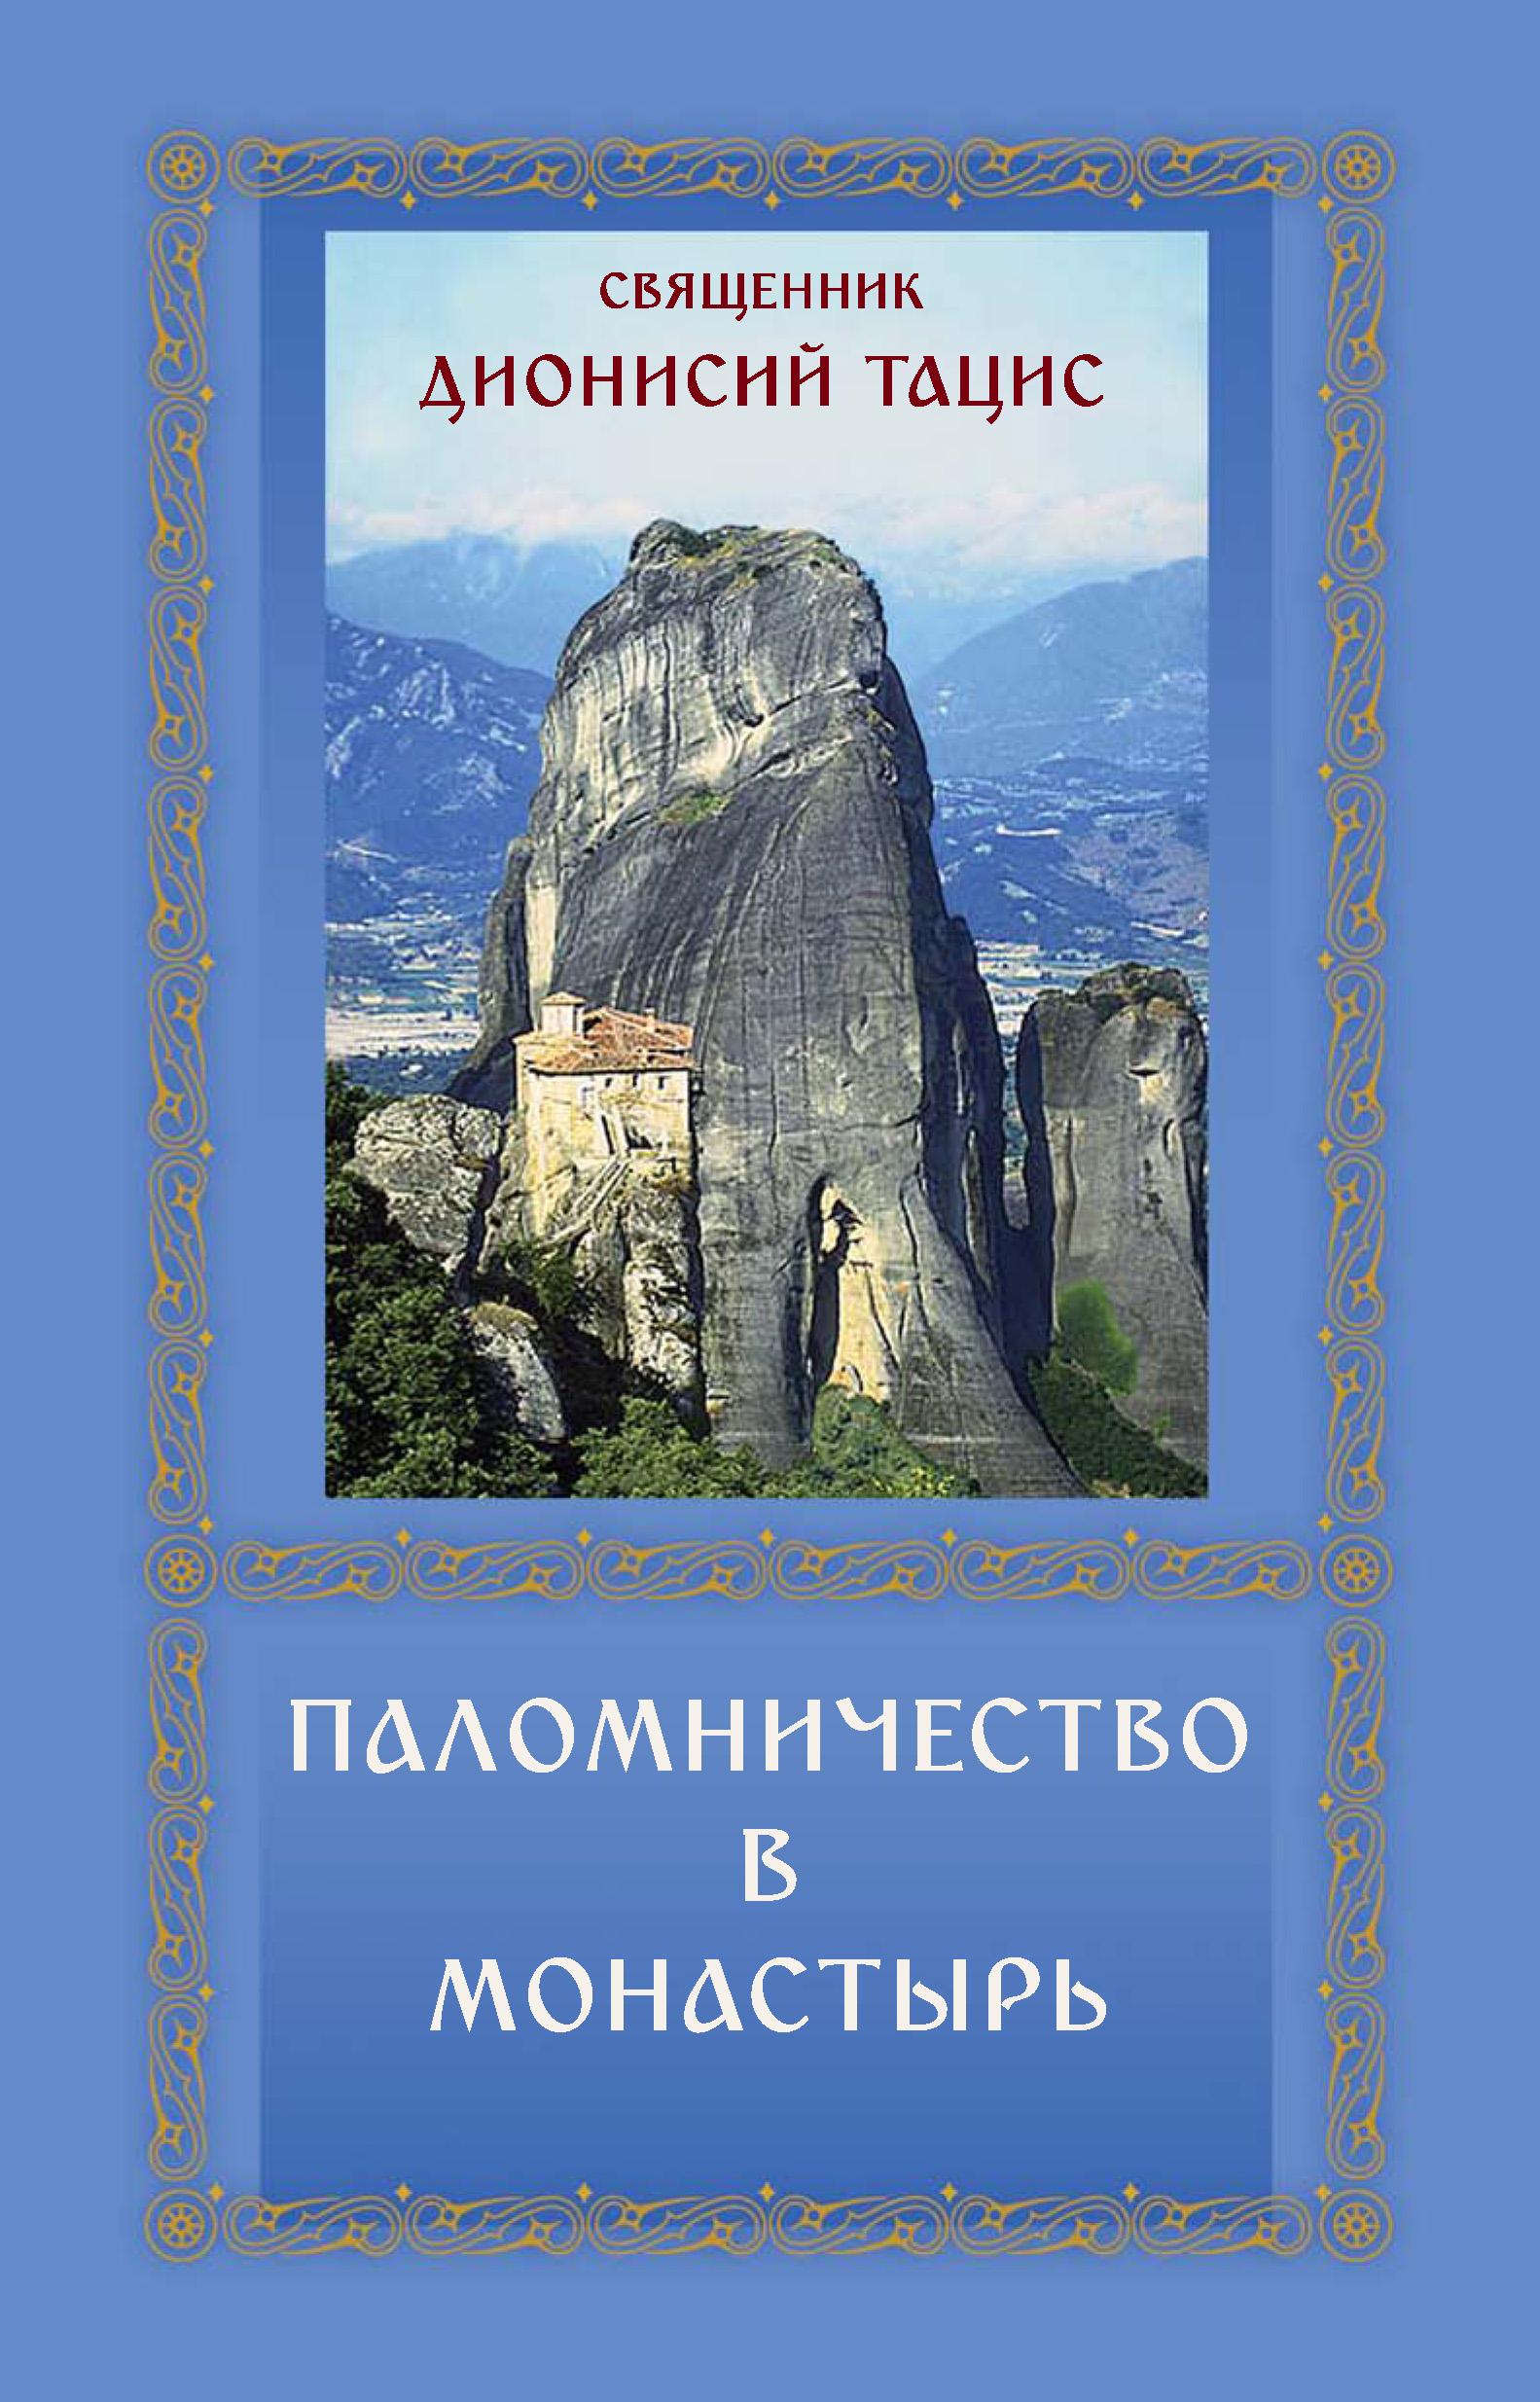 священник Дионисий Тацис Паломничество в монастырь калашников в дионисий